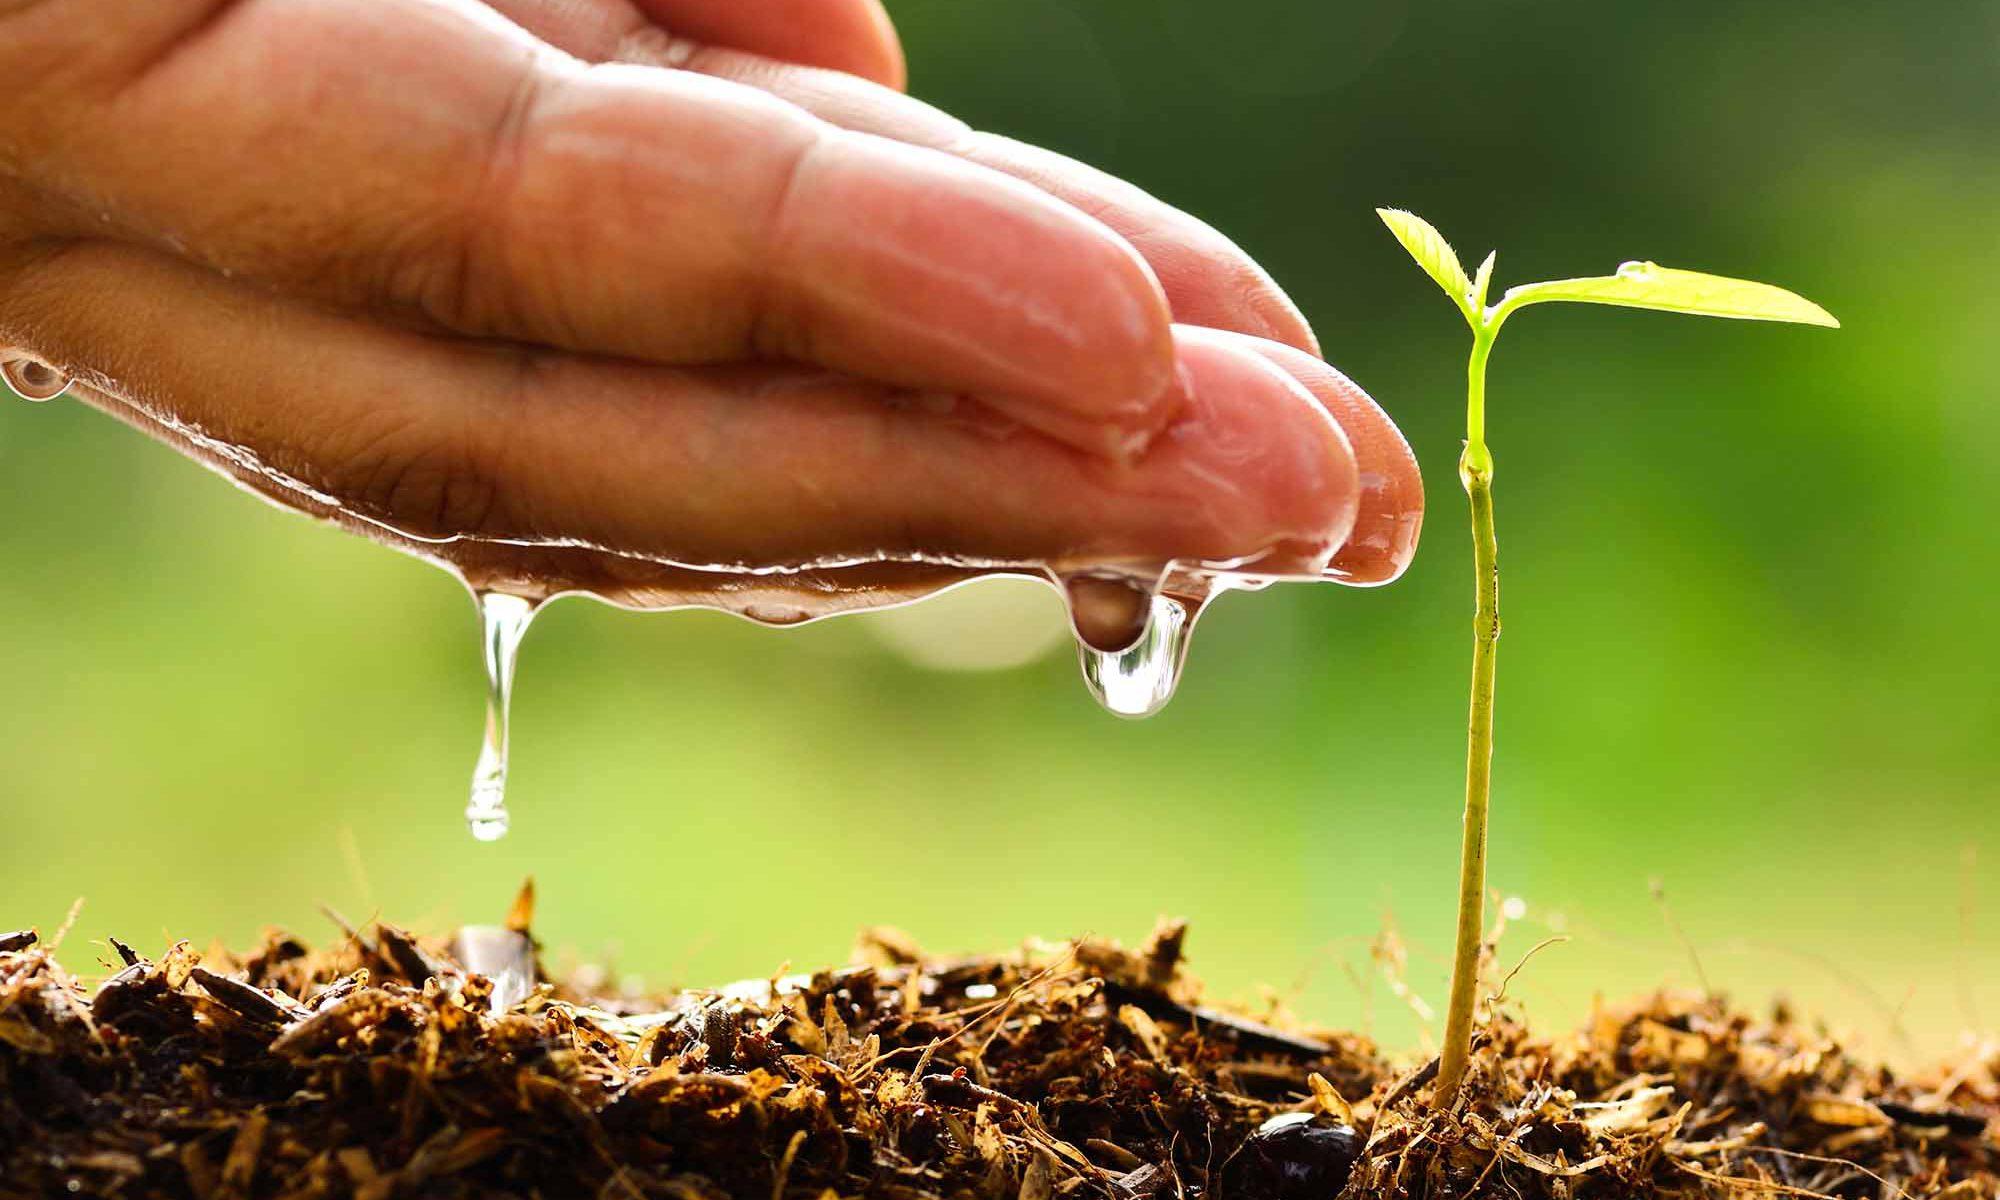 Cómo cuidar el medio ambiente.